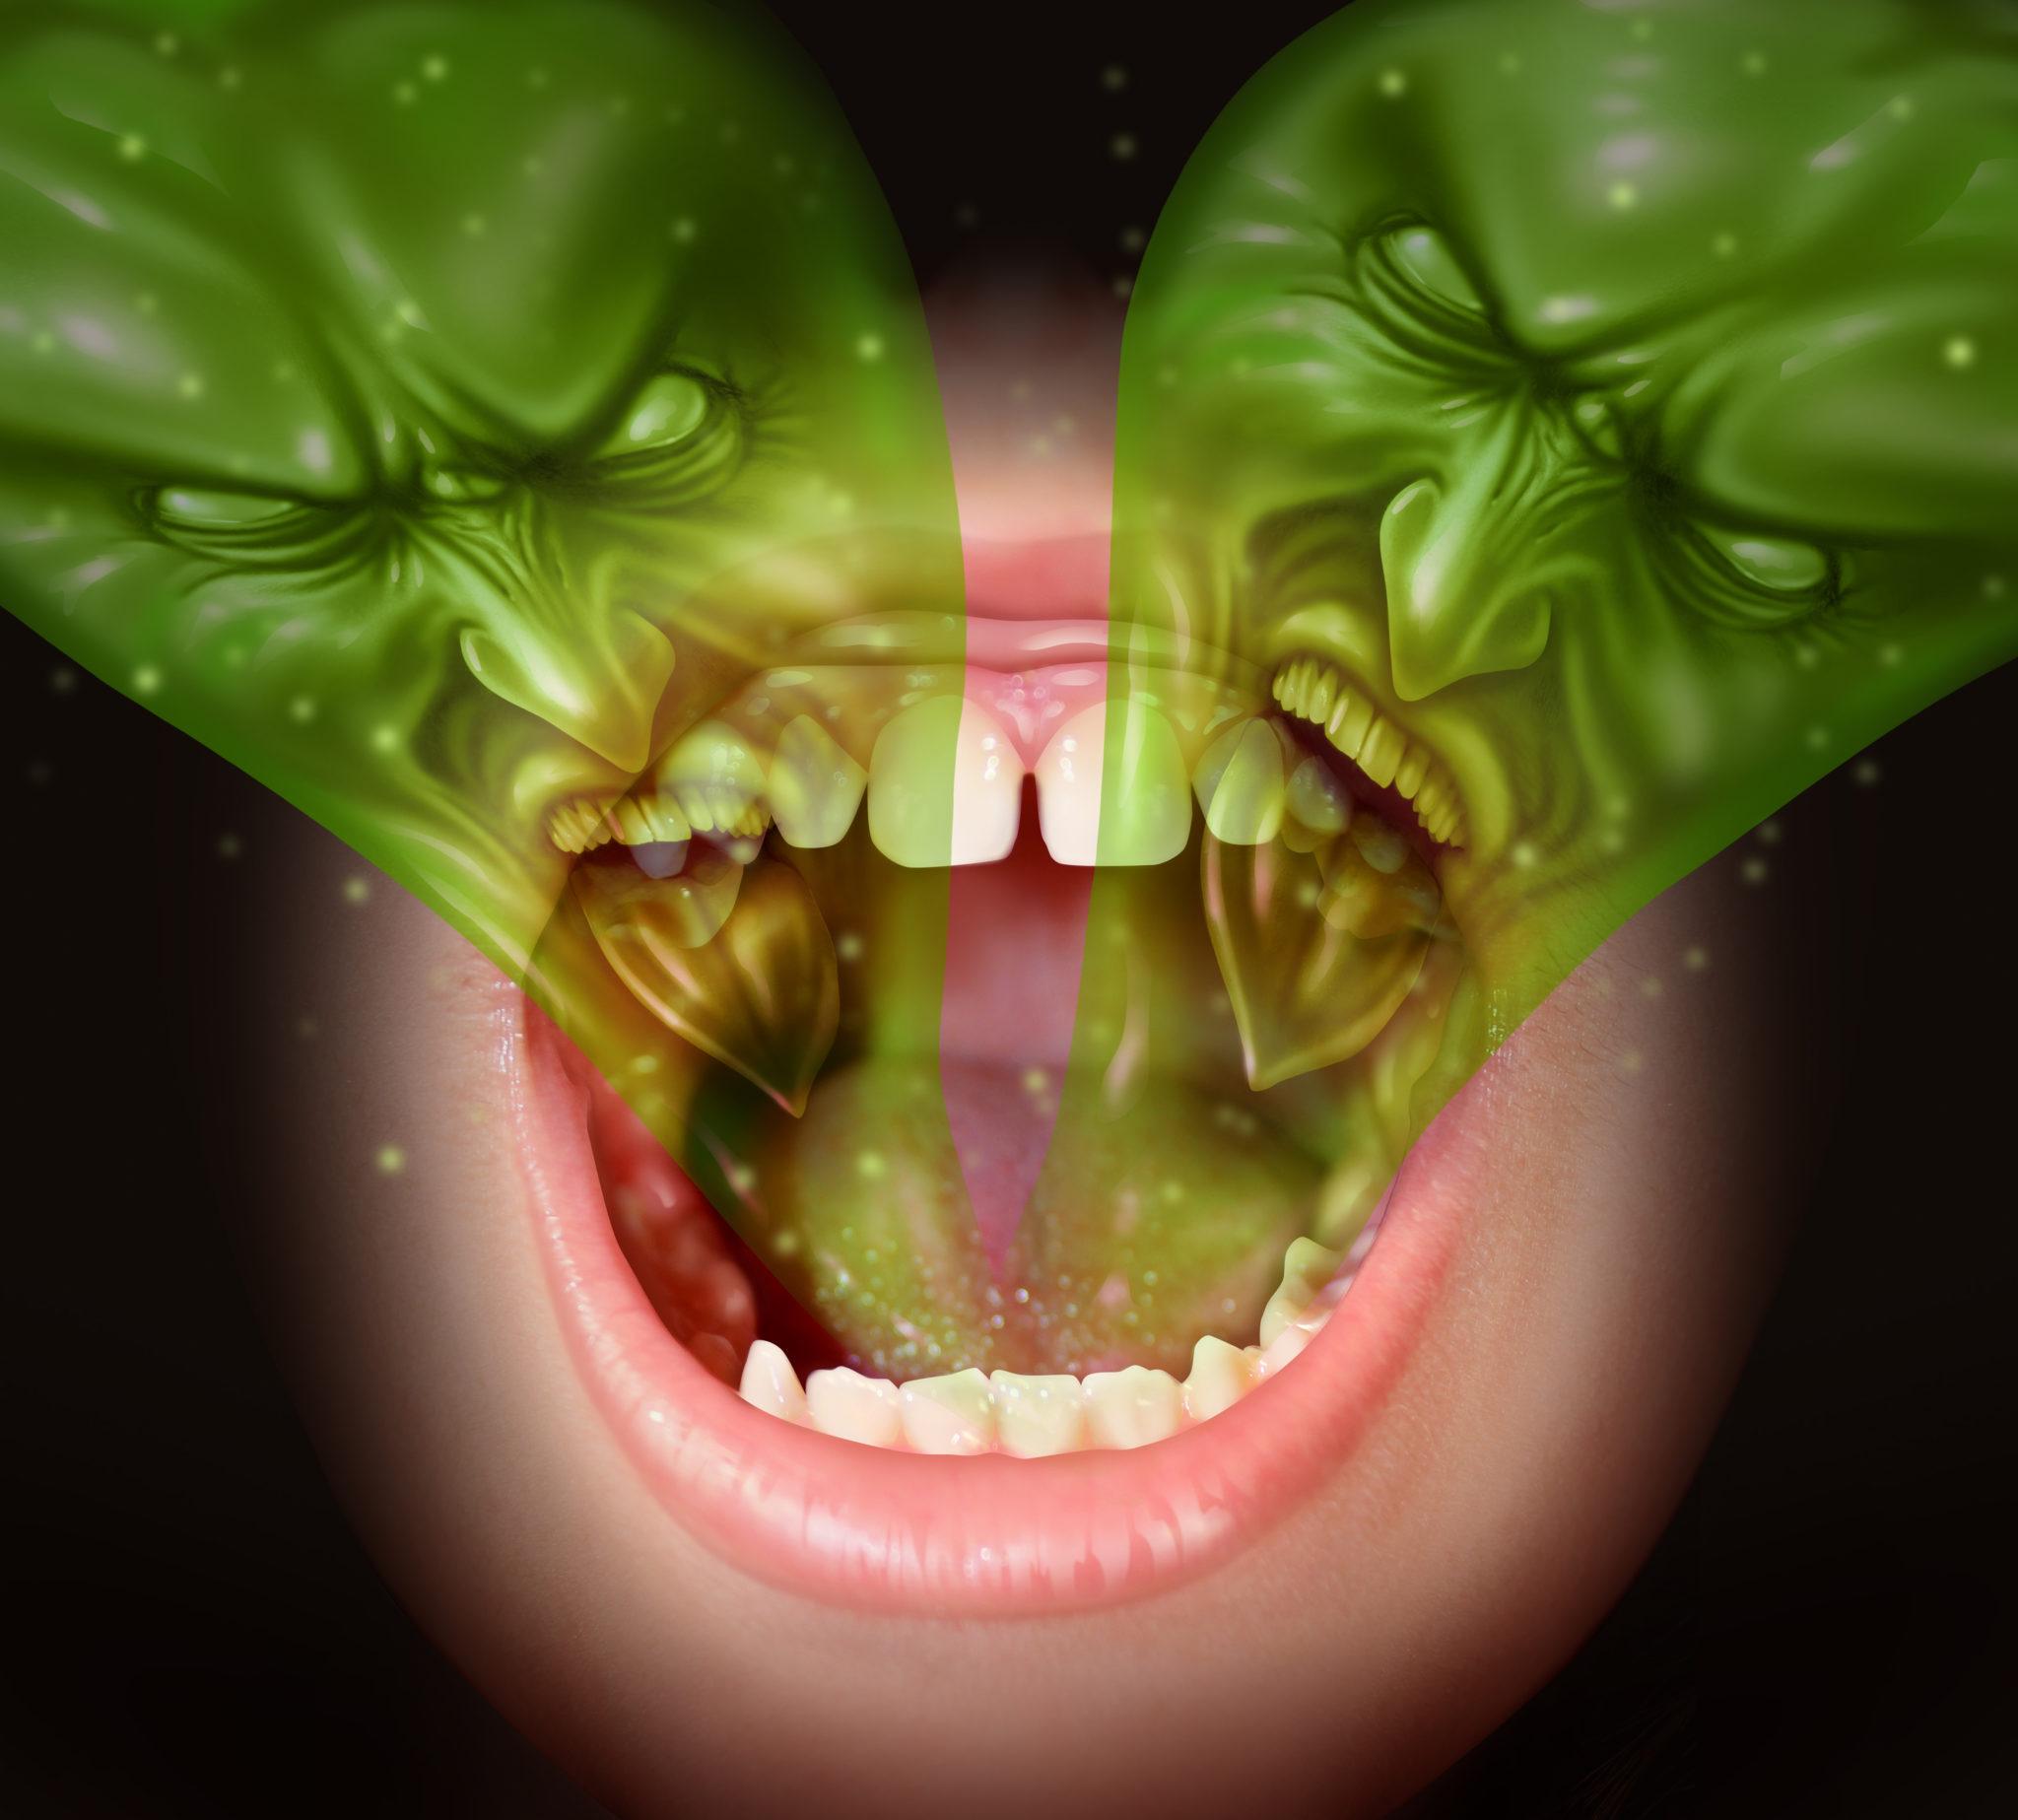 Что вызывает галитоз (халитоз): признаки, причины и лечение запаха изо рта лекарствами и домашними средствами